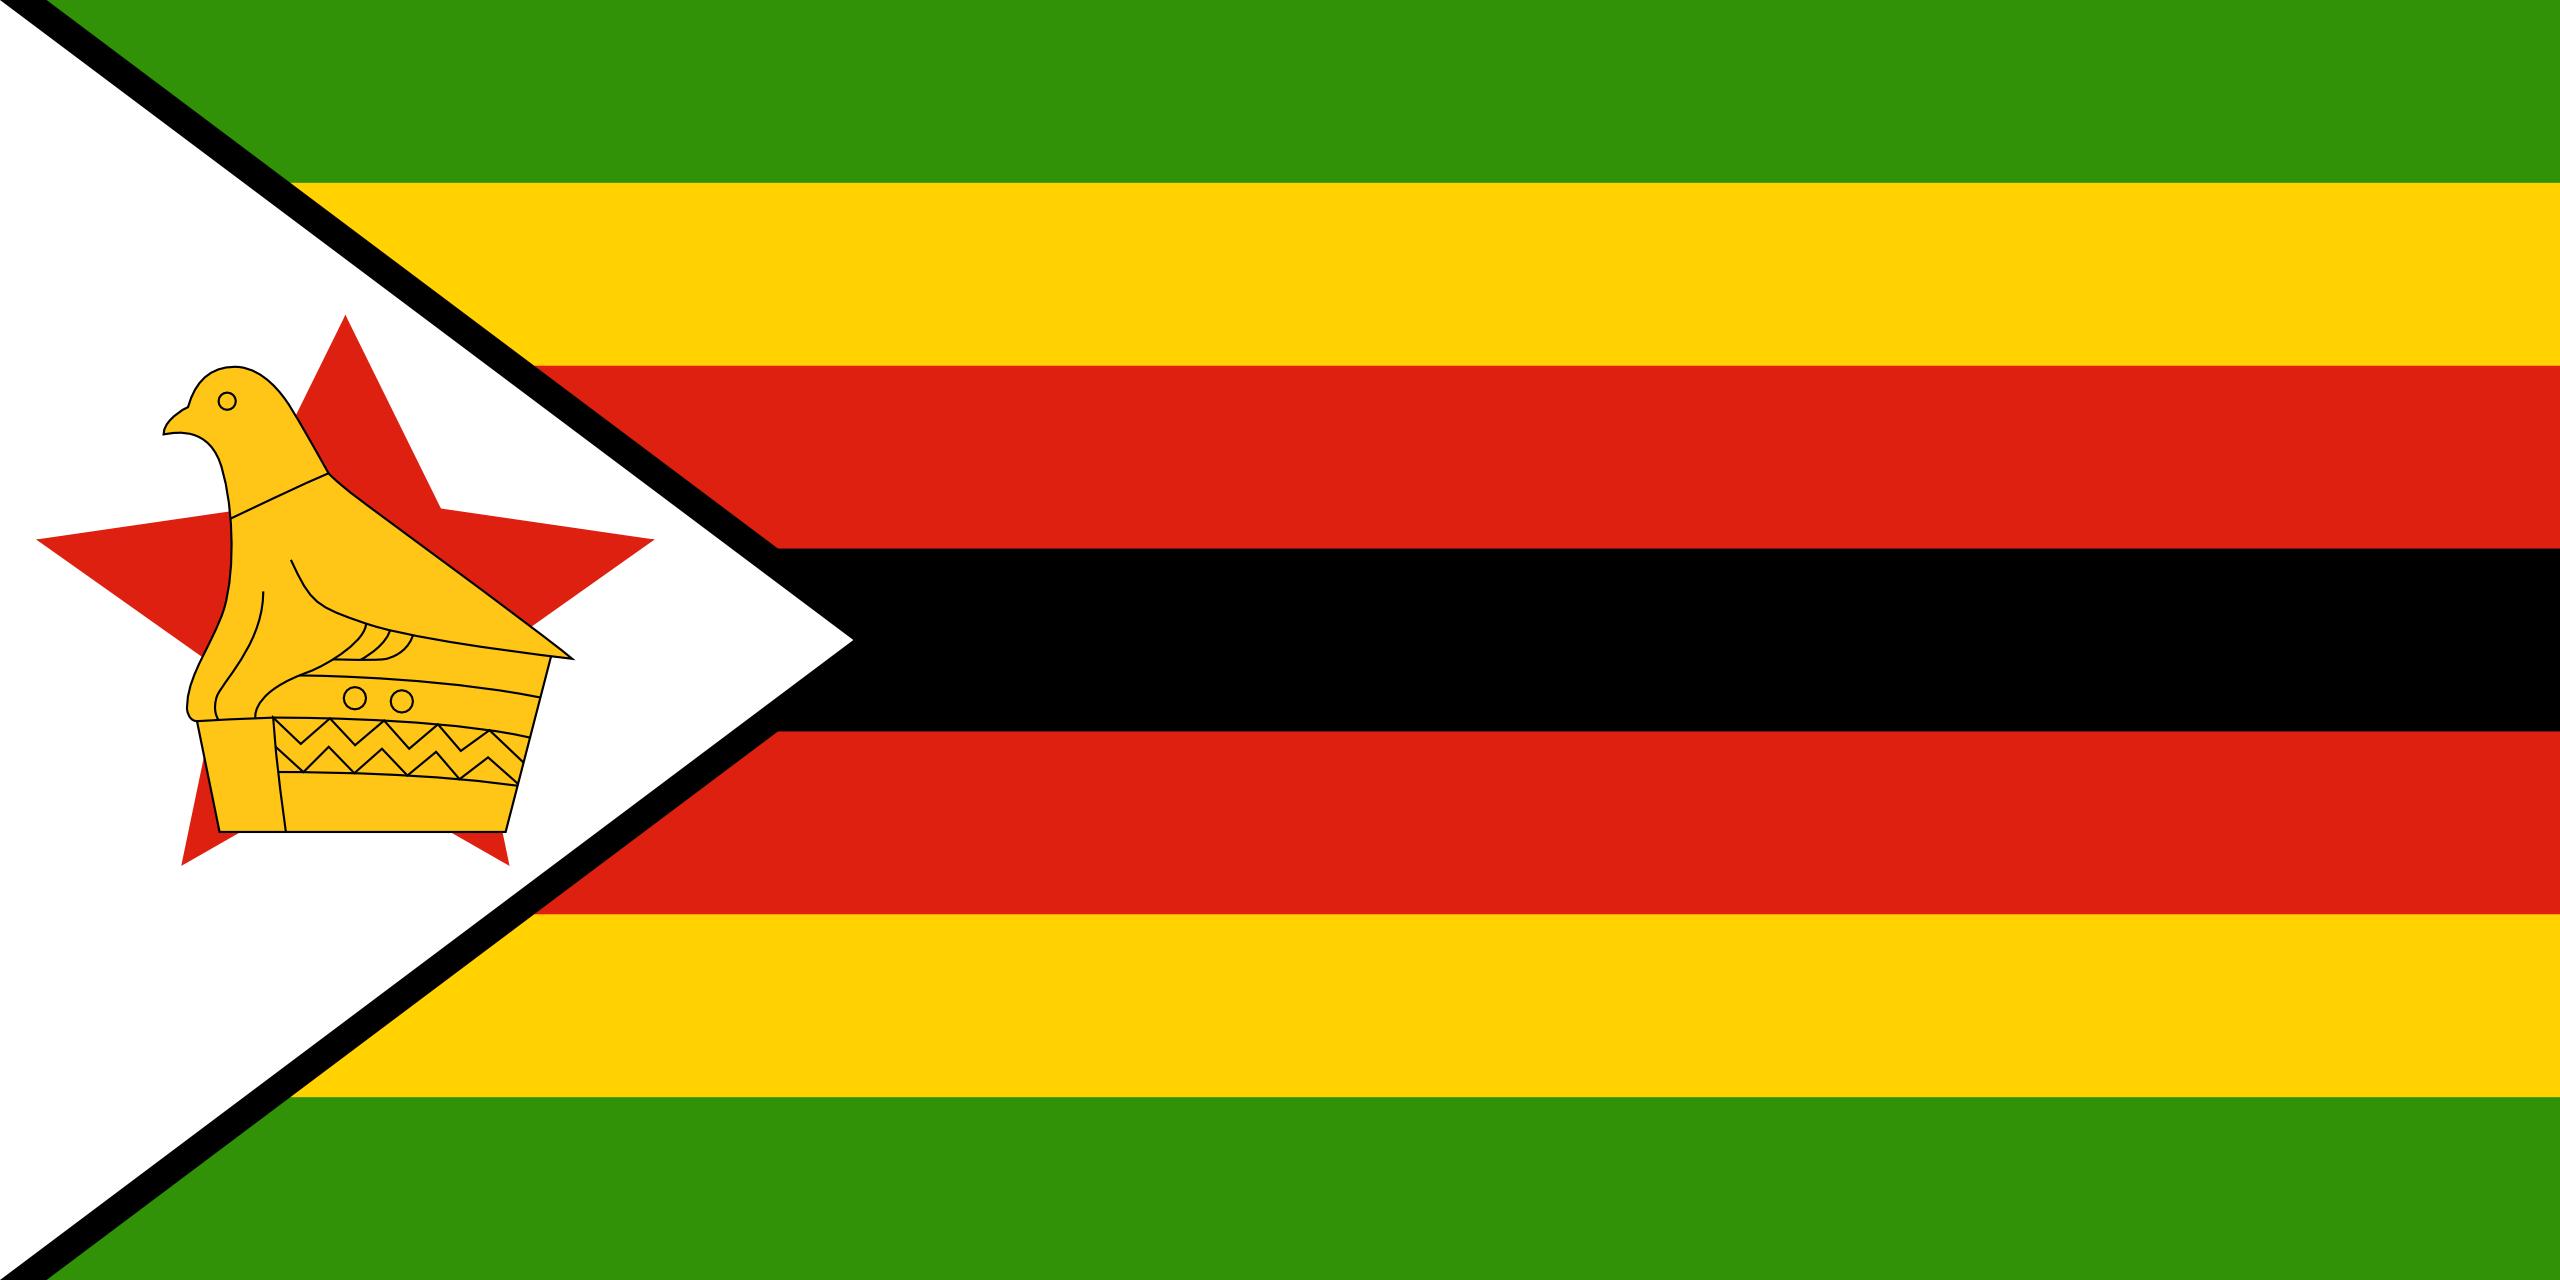 Ζιμπάμπουε, χώρα, έμβλημα, λογότυπο, σύμβολο - Wallpapers HD - Professor-falken.com